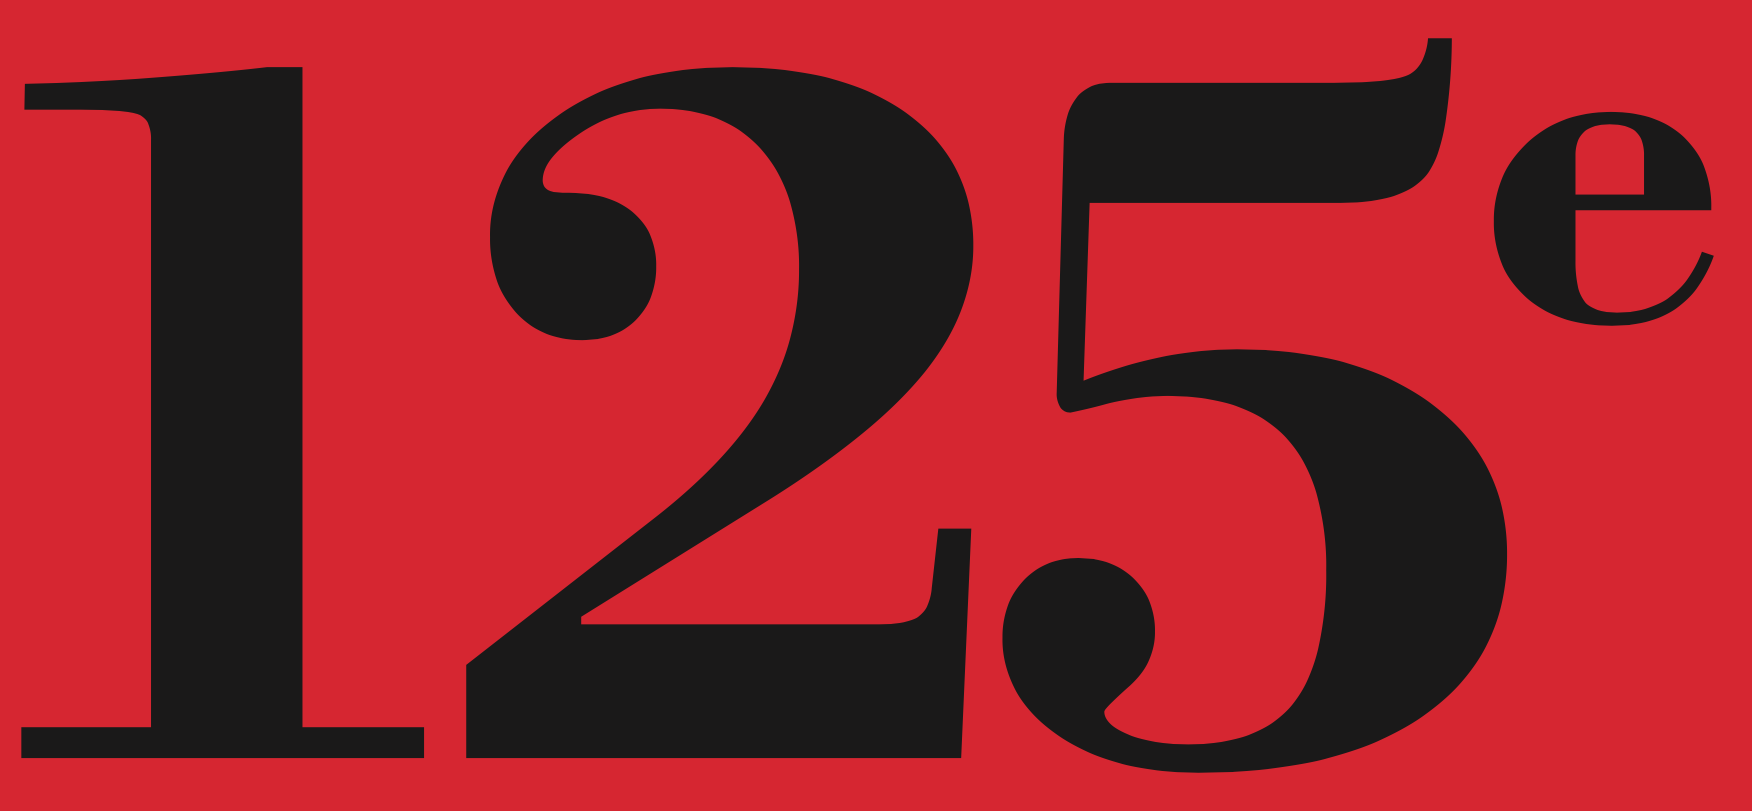 La saison du 125e ouvre avec la Philharmonie tchèque, placée sous la direction de Jiří Bělohlávek ! C'est le 23 octobre...